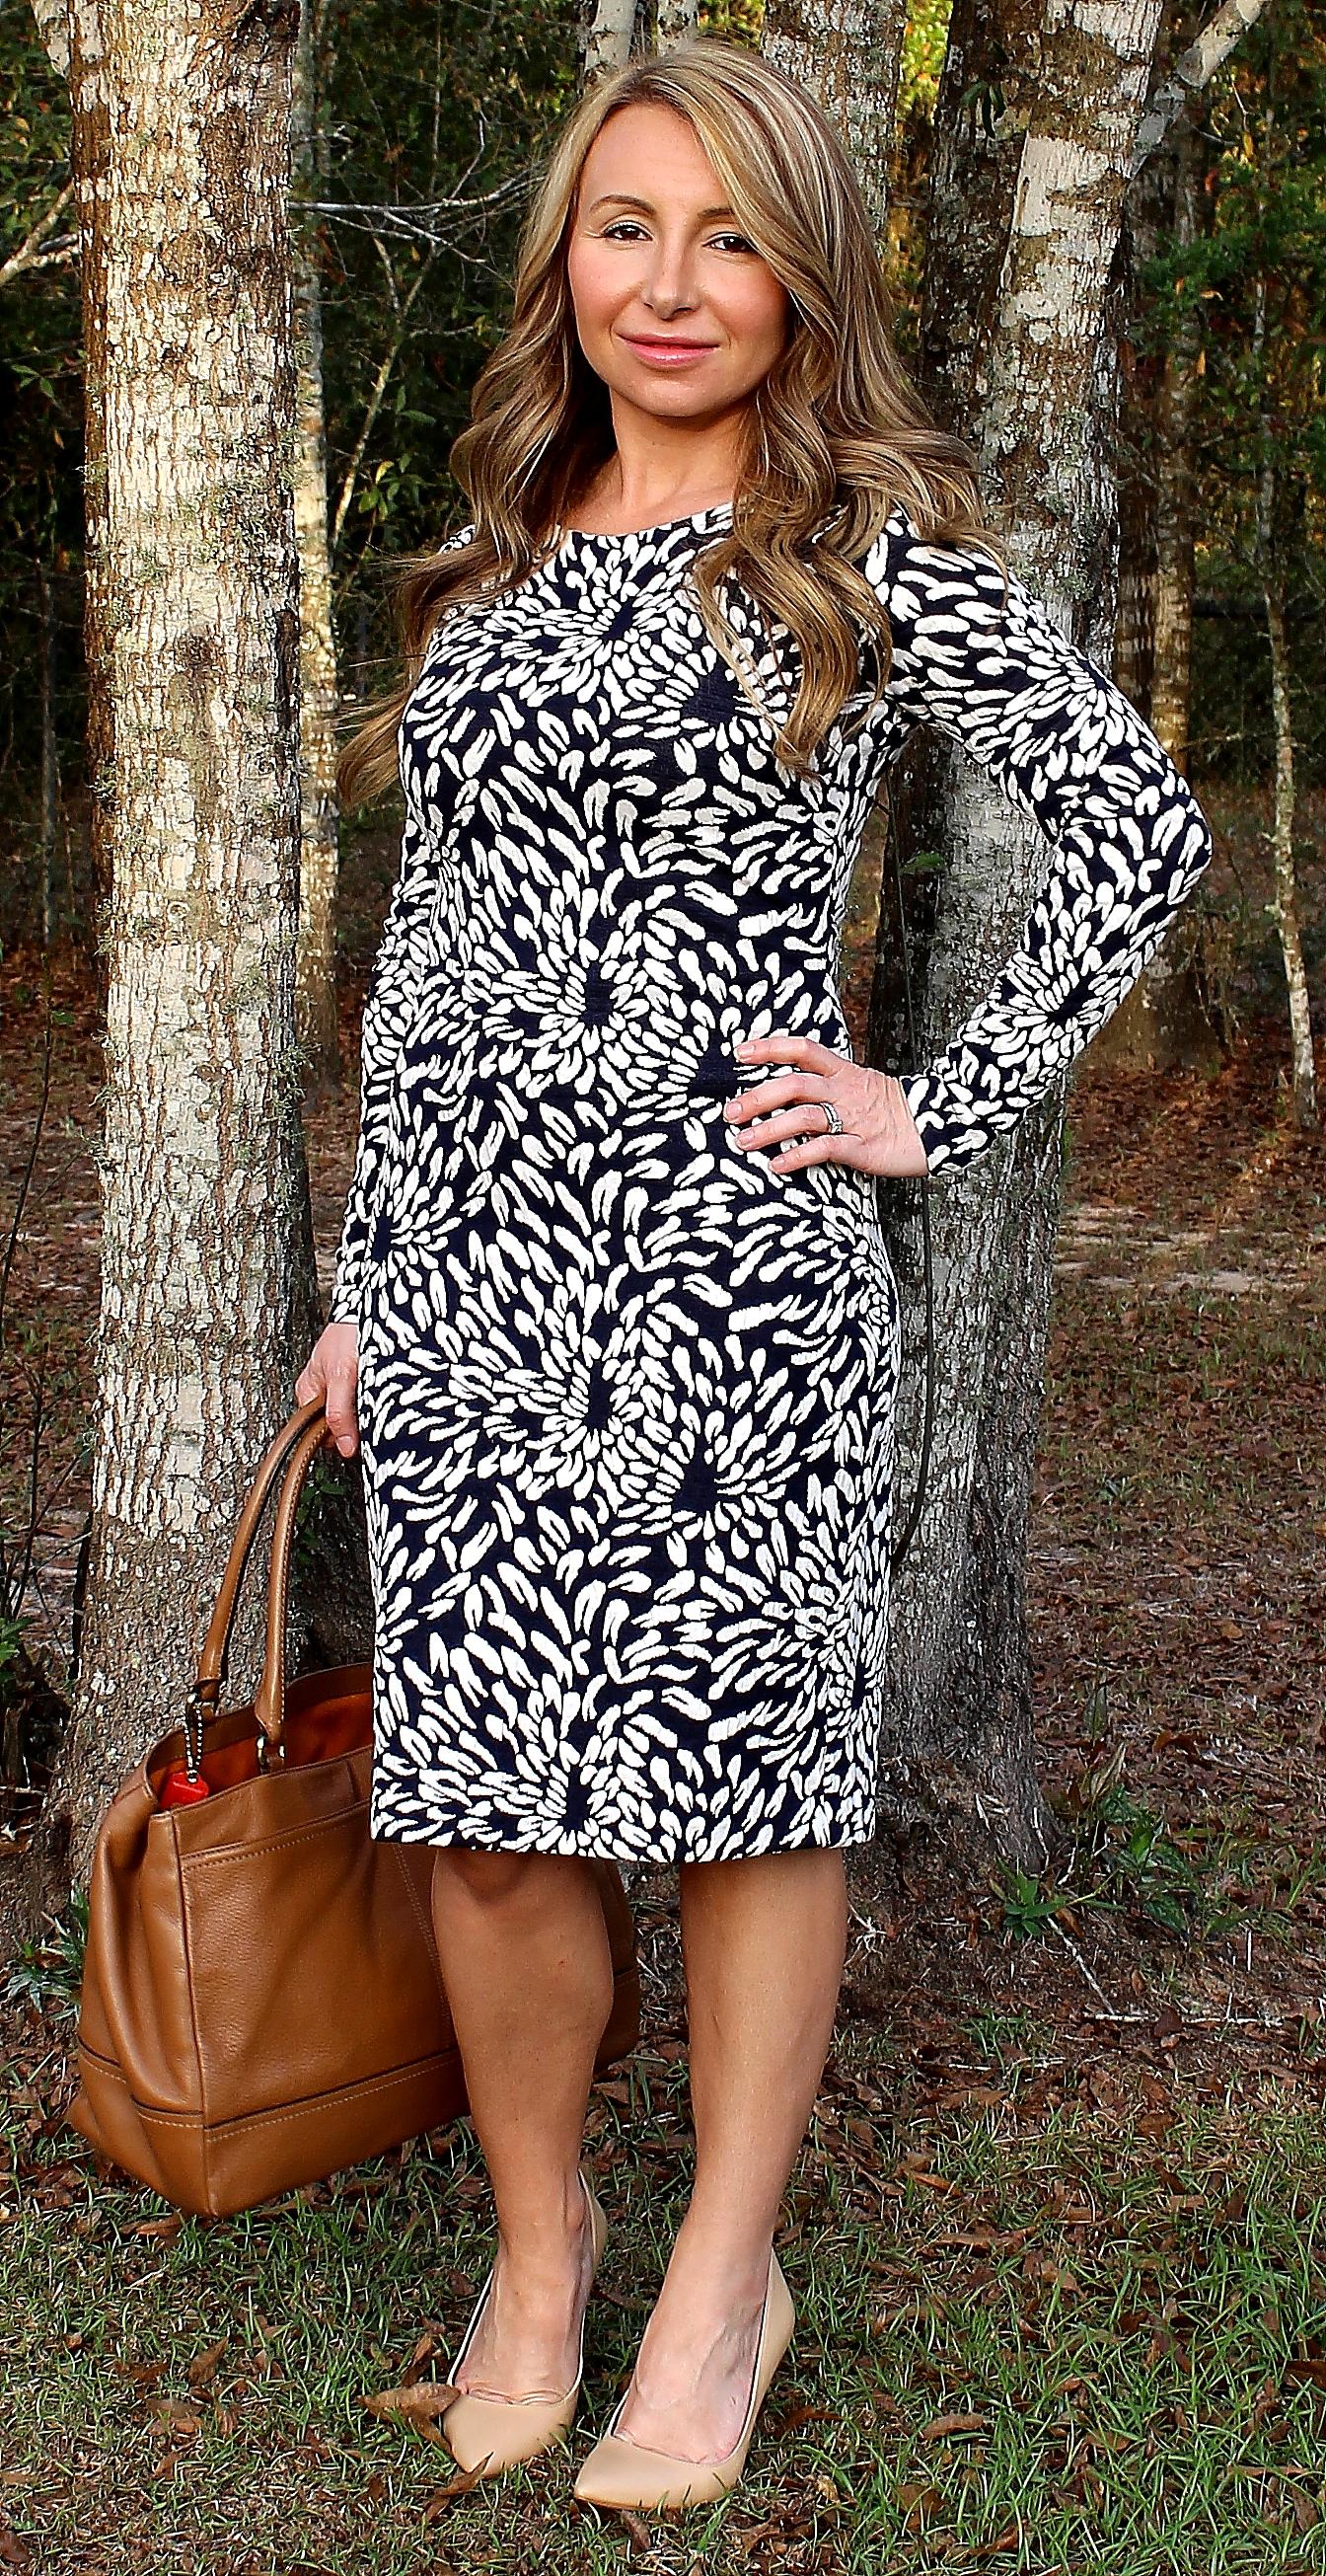 1118c31fcab workfit21 workfit23. Dress – Belle Badgley Mischka from Dillards ...